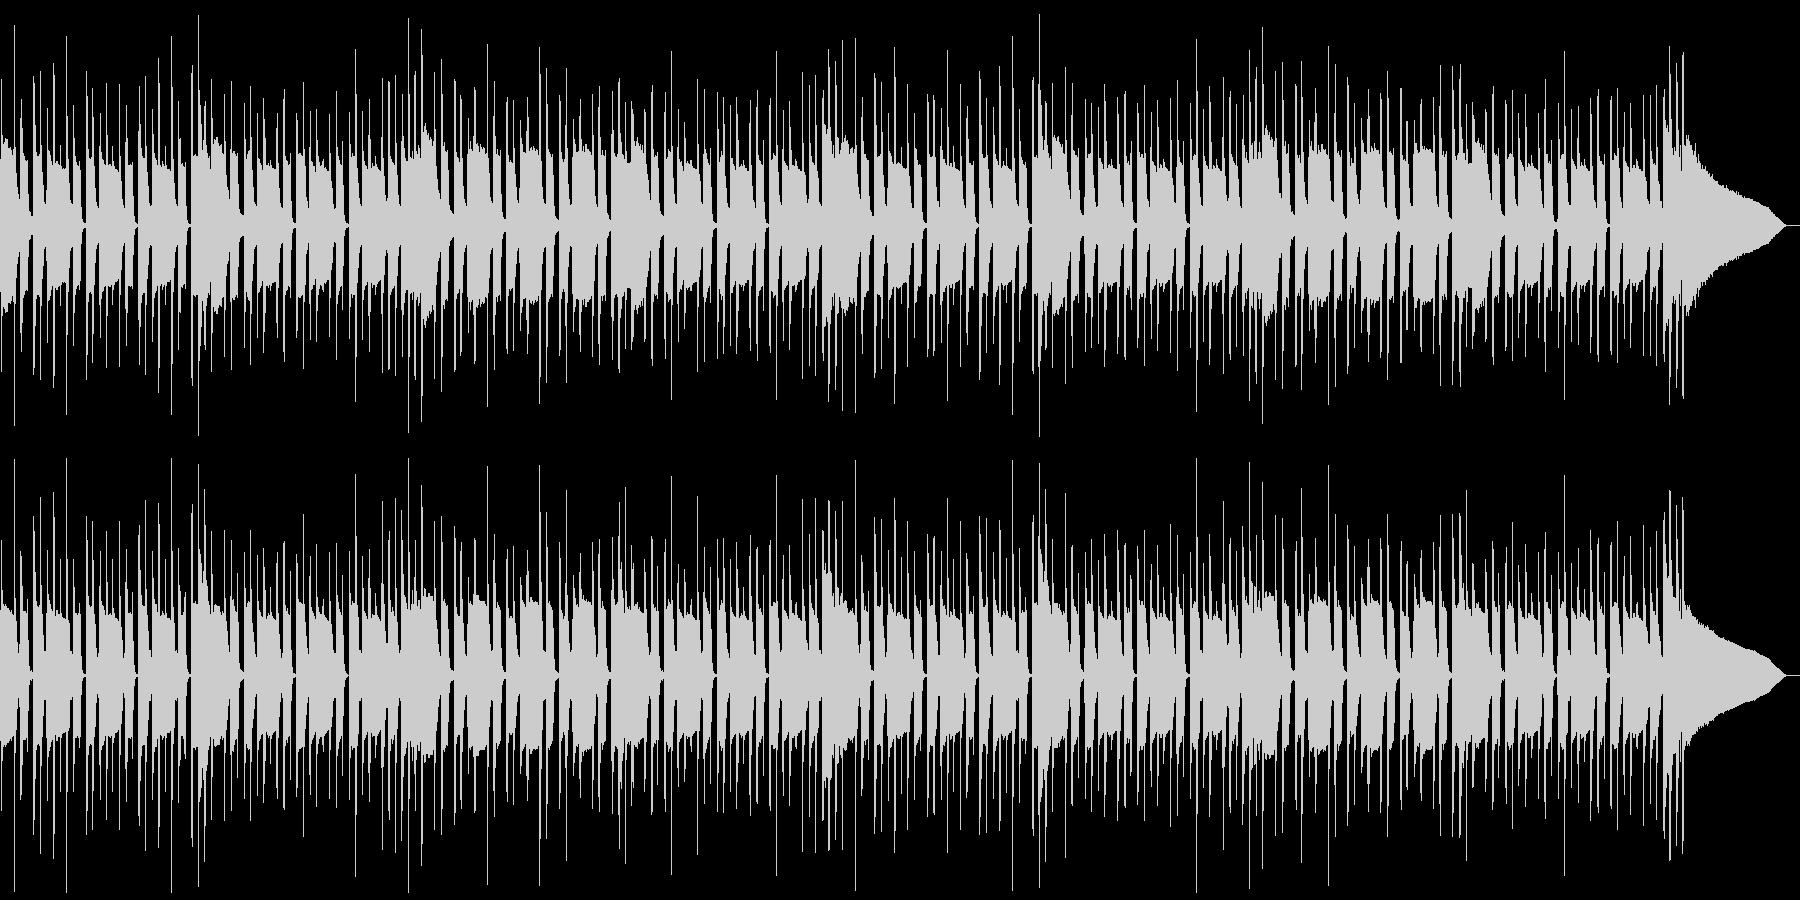 音数の少ないマッタリとしたBGMの未再生の波形